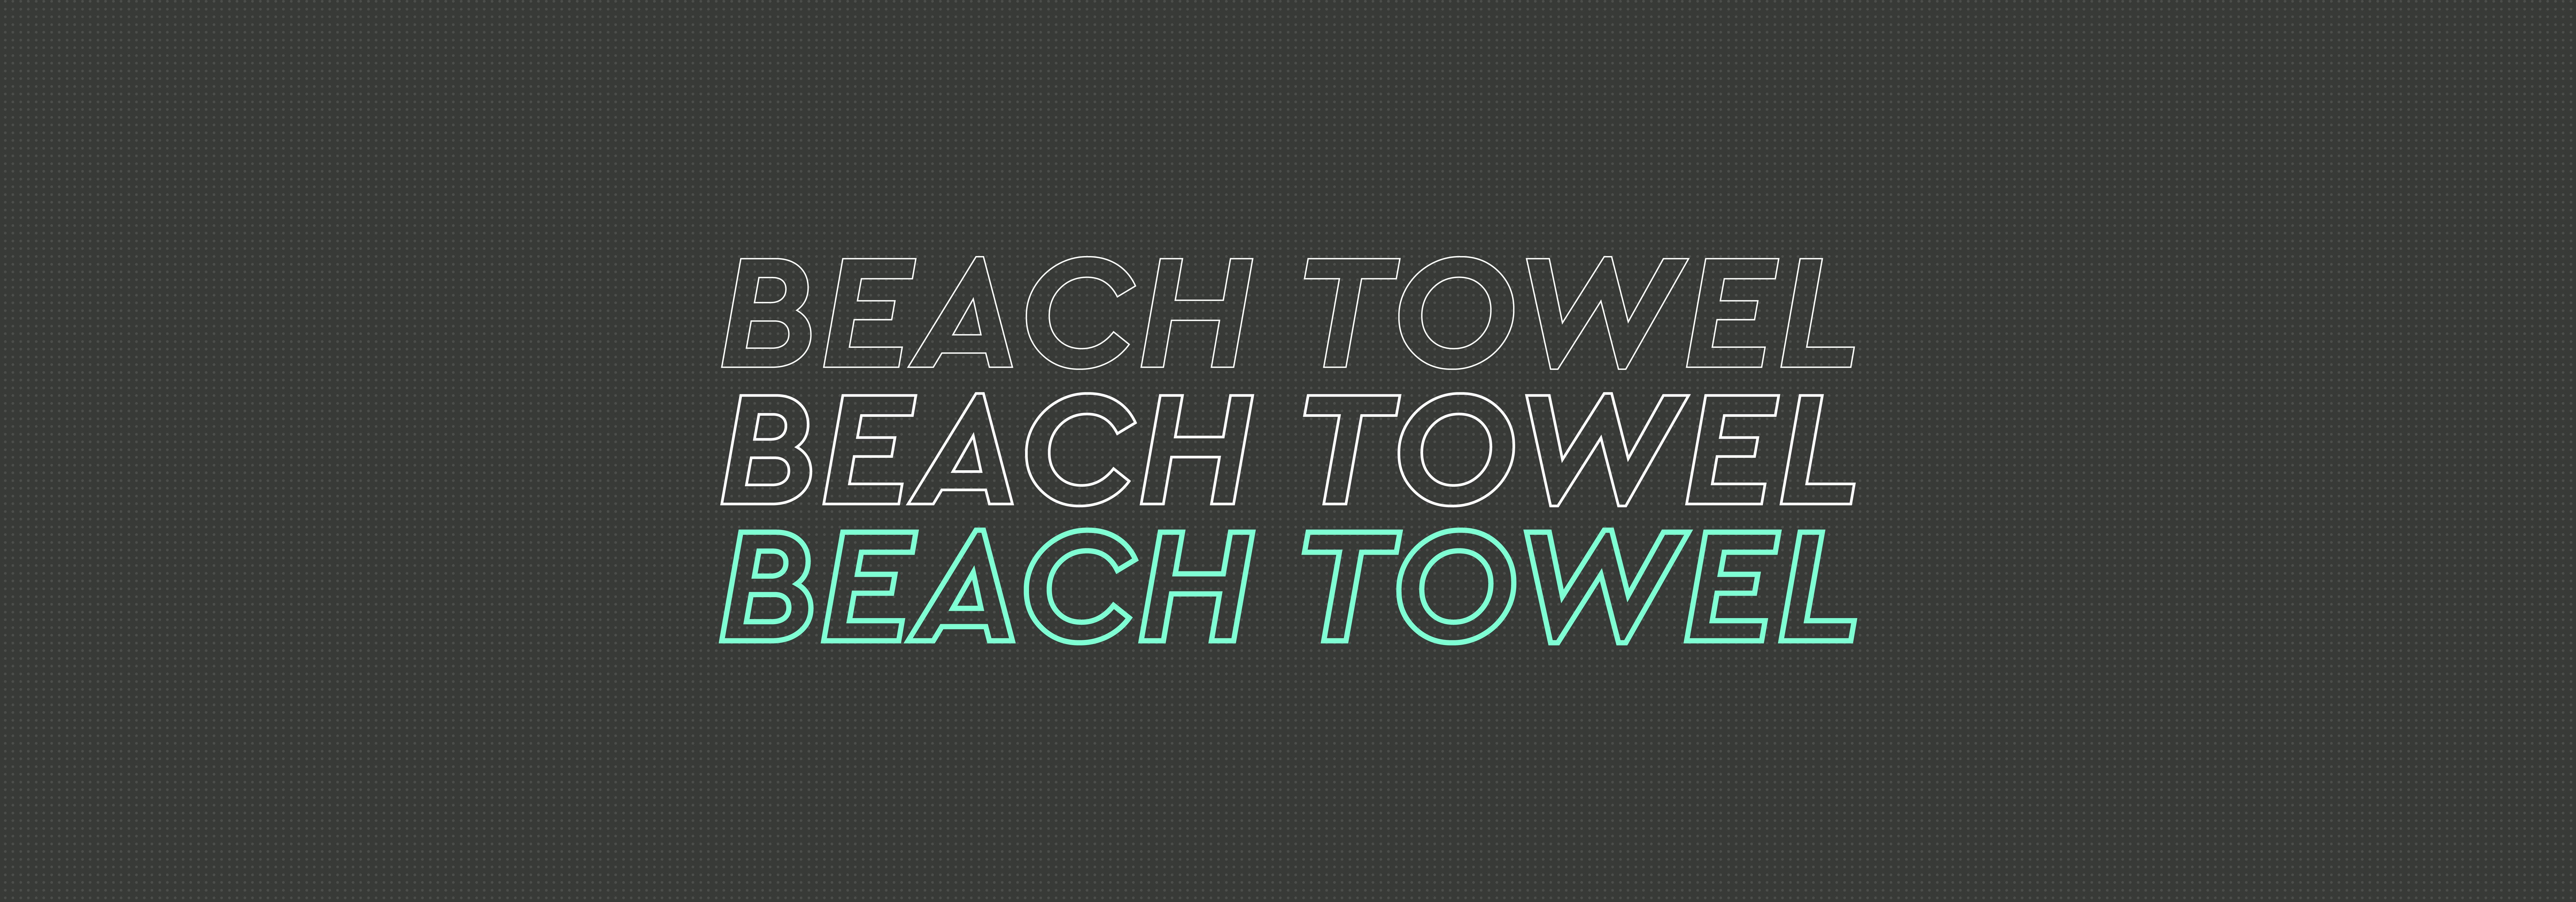 Dye-Sublimated Beach Towel